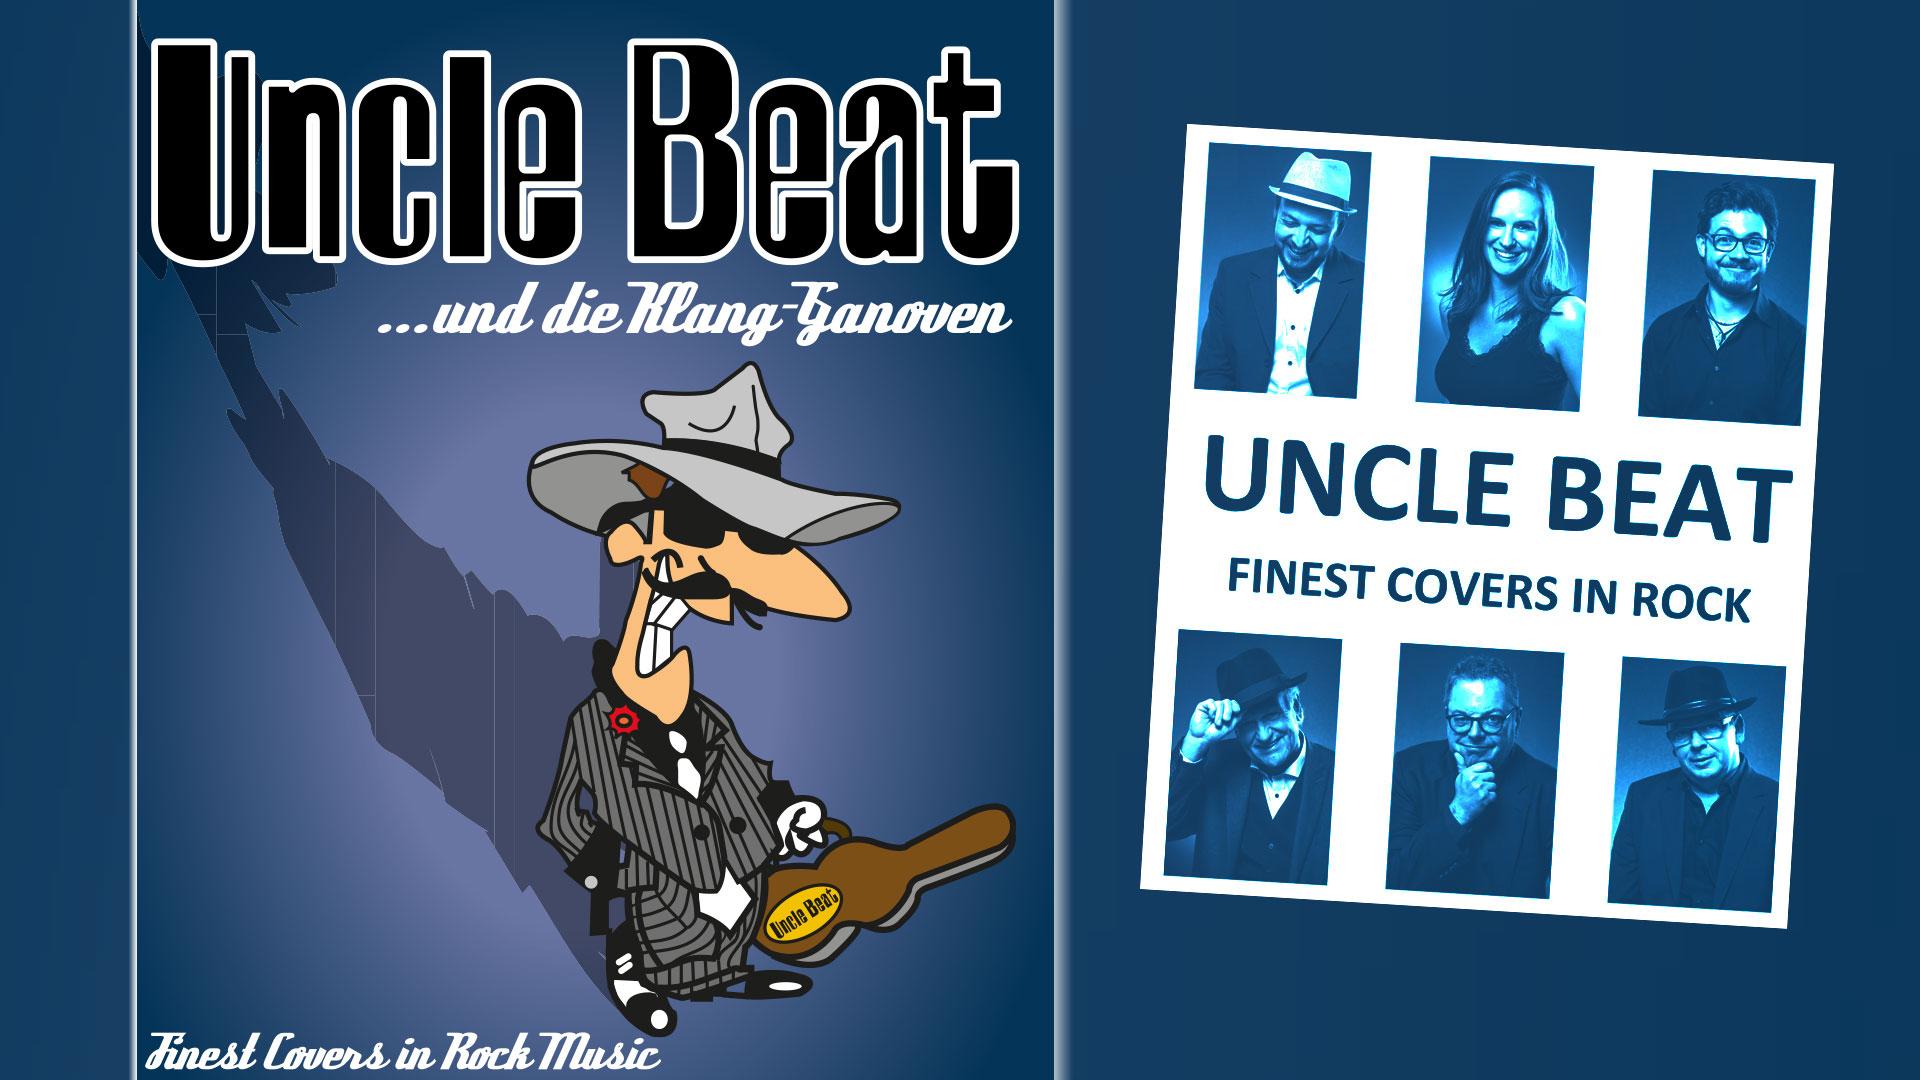 ABGESAGT: Uncle Beat ... und die Klang-Ganoven